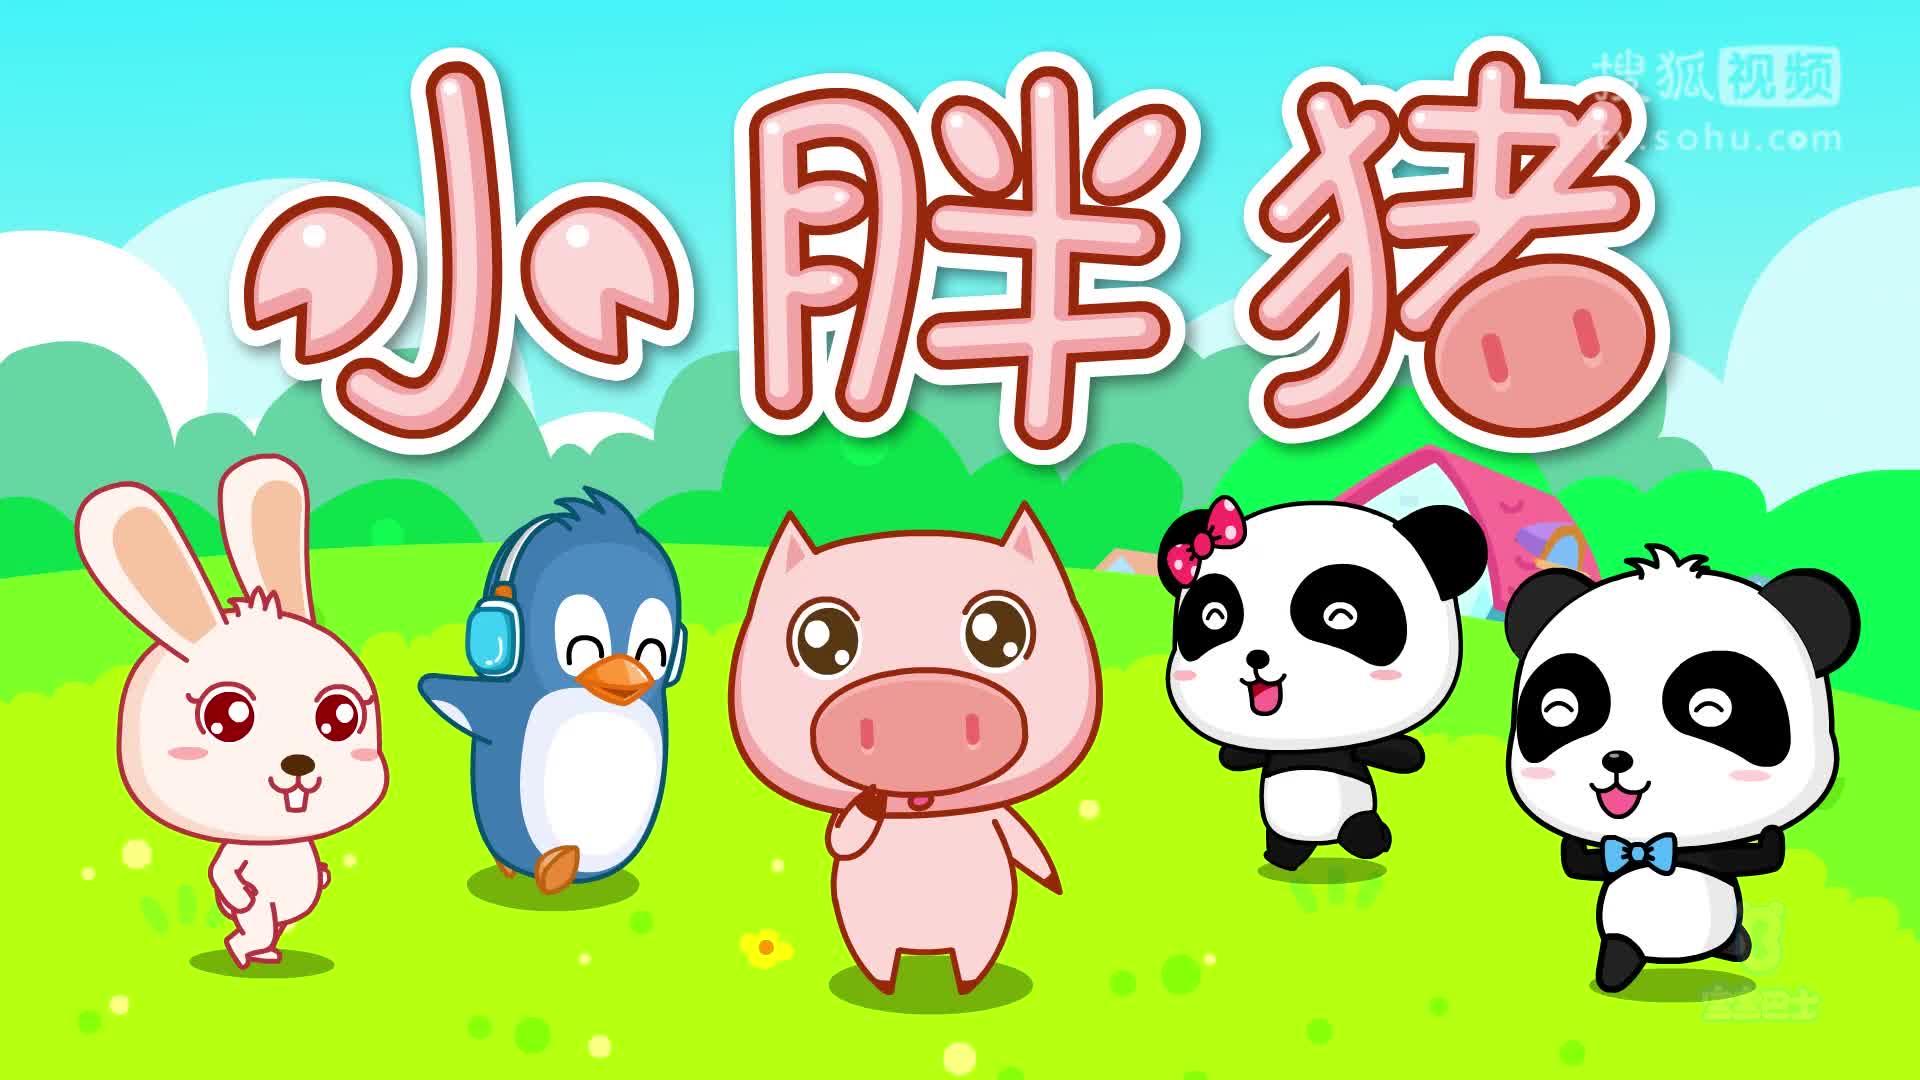 第16集 小胖猪-宝宝巴士儿歌之疯狂动物-宝宝巴士官方频道